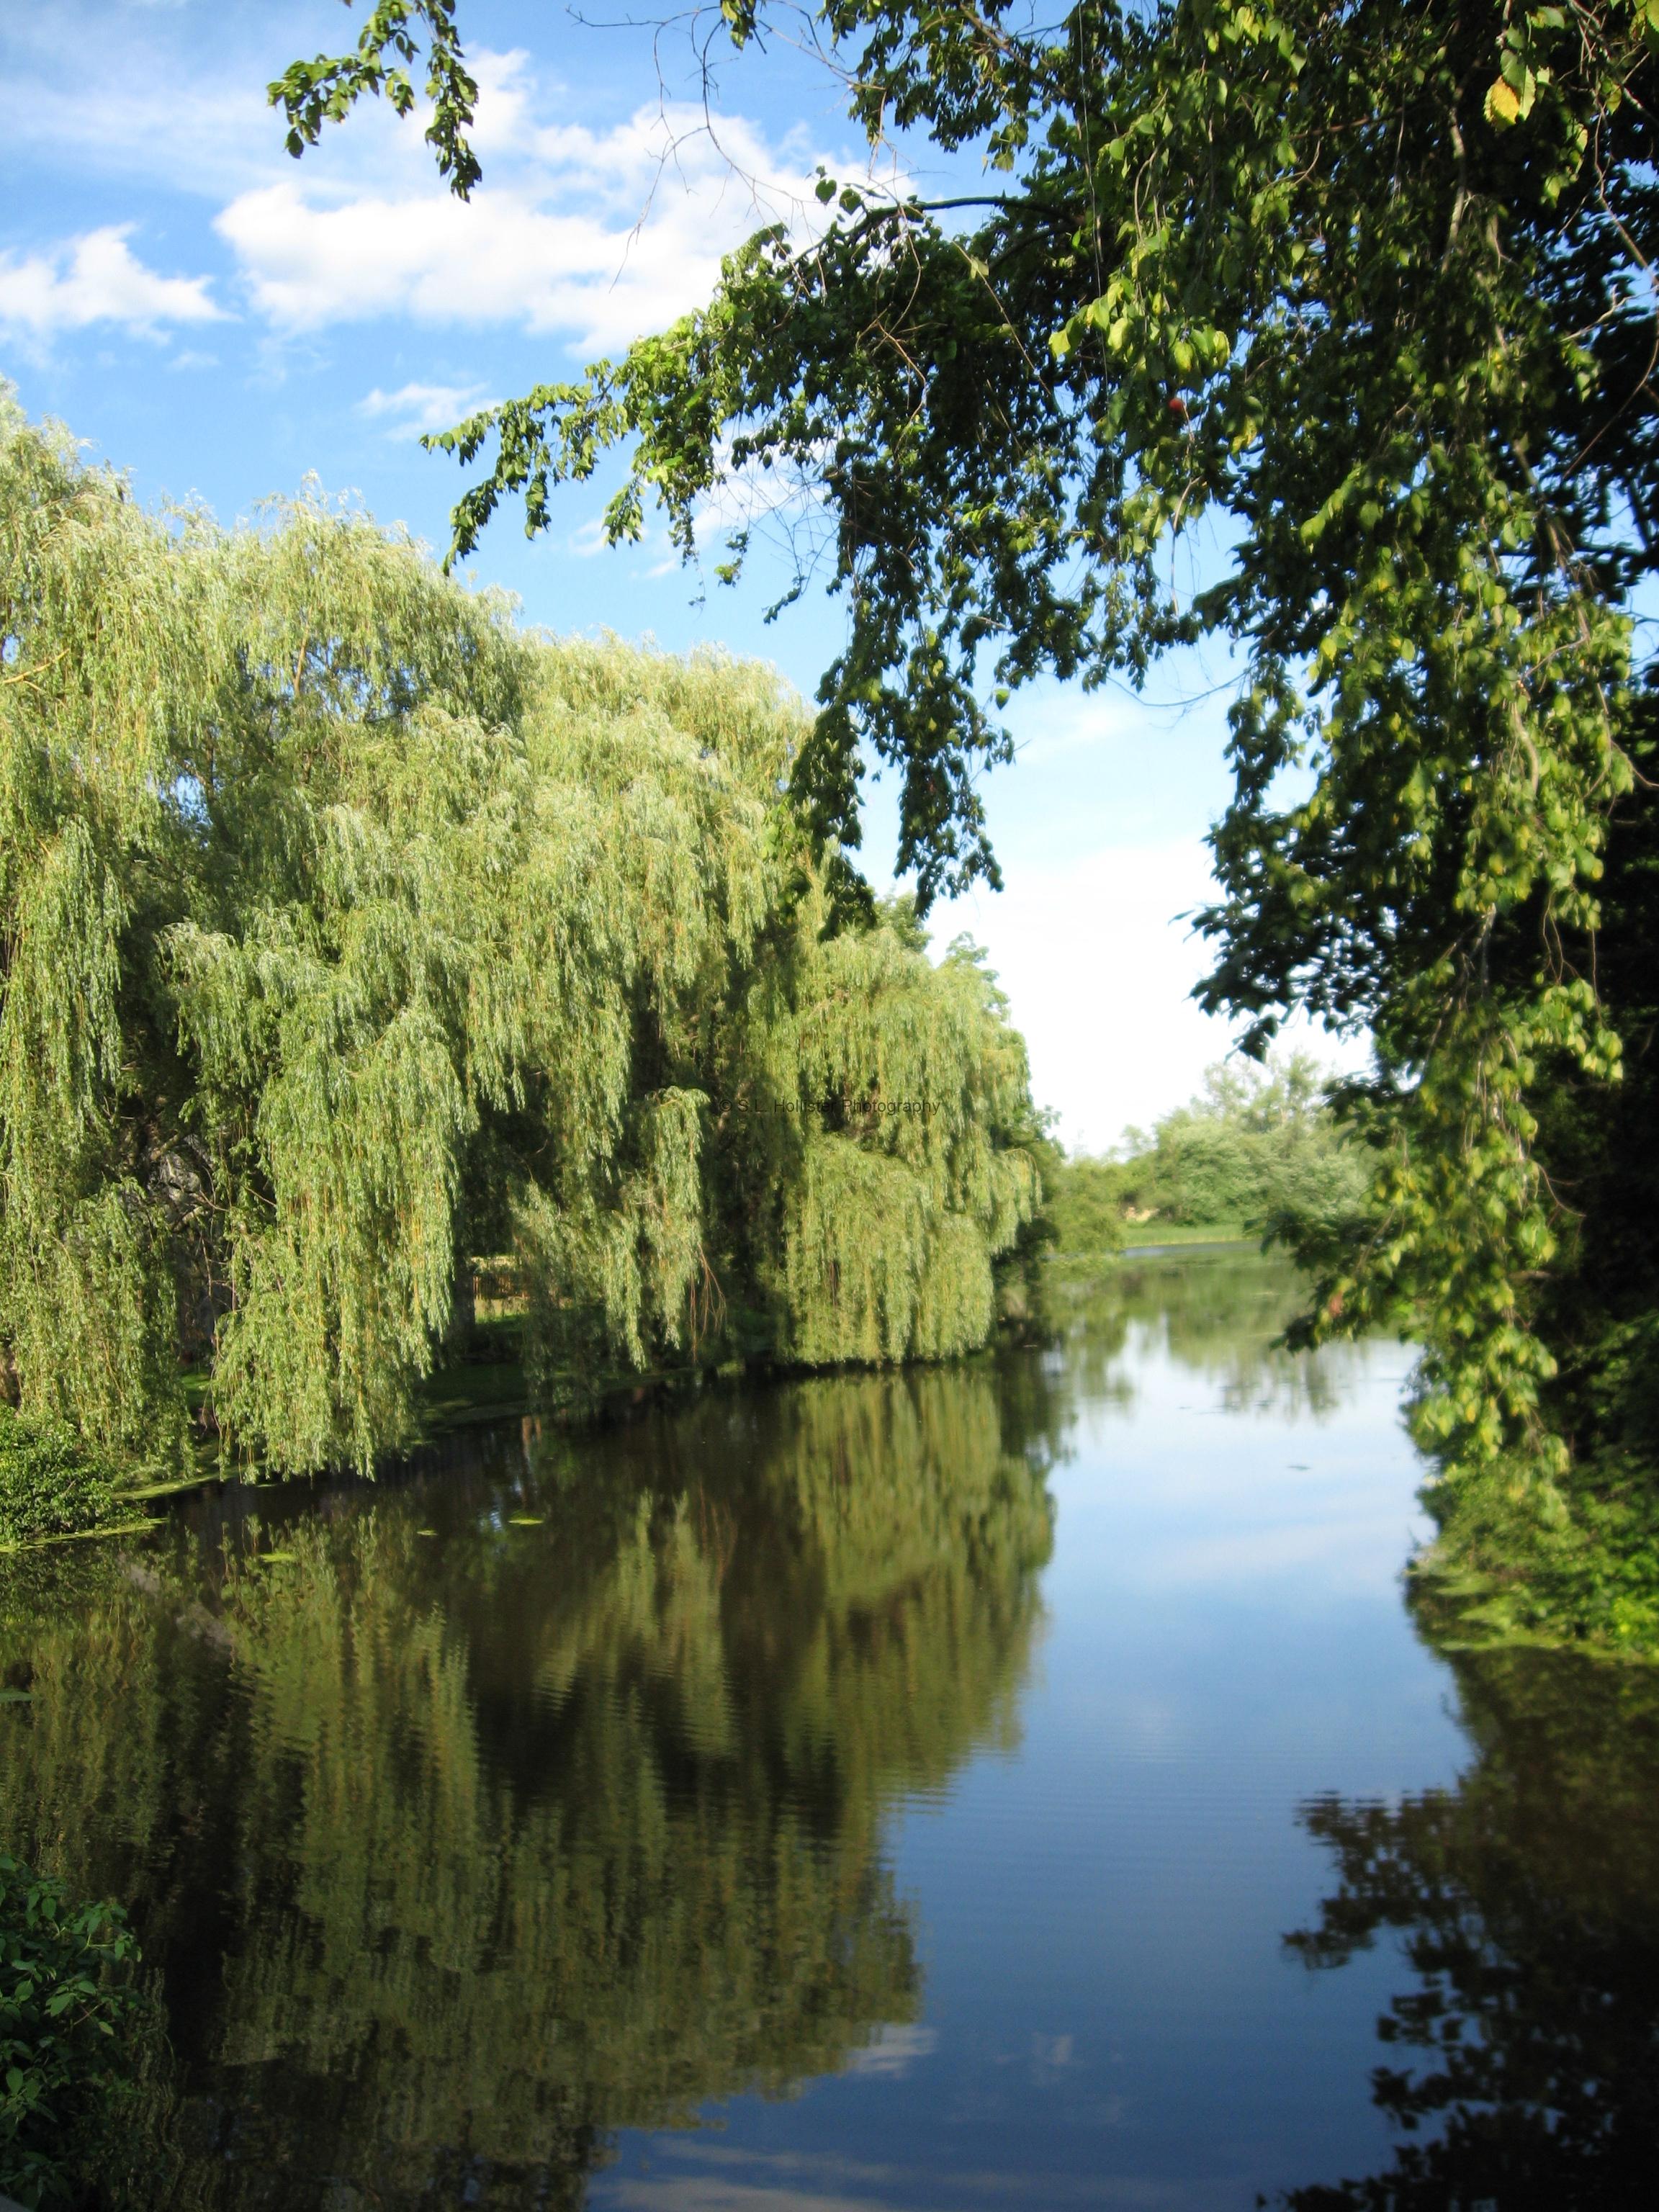 Windsorville Pond in July